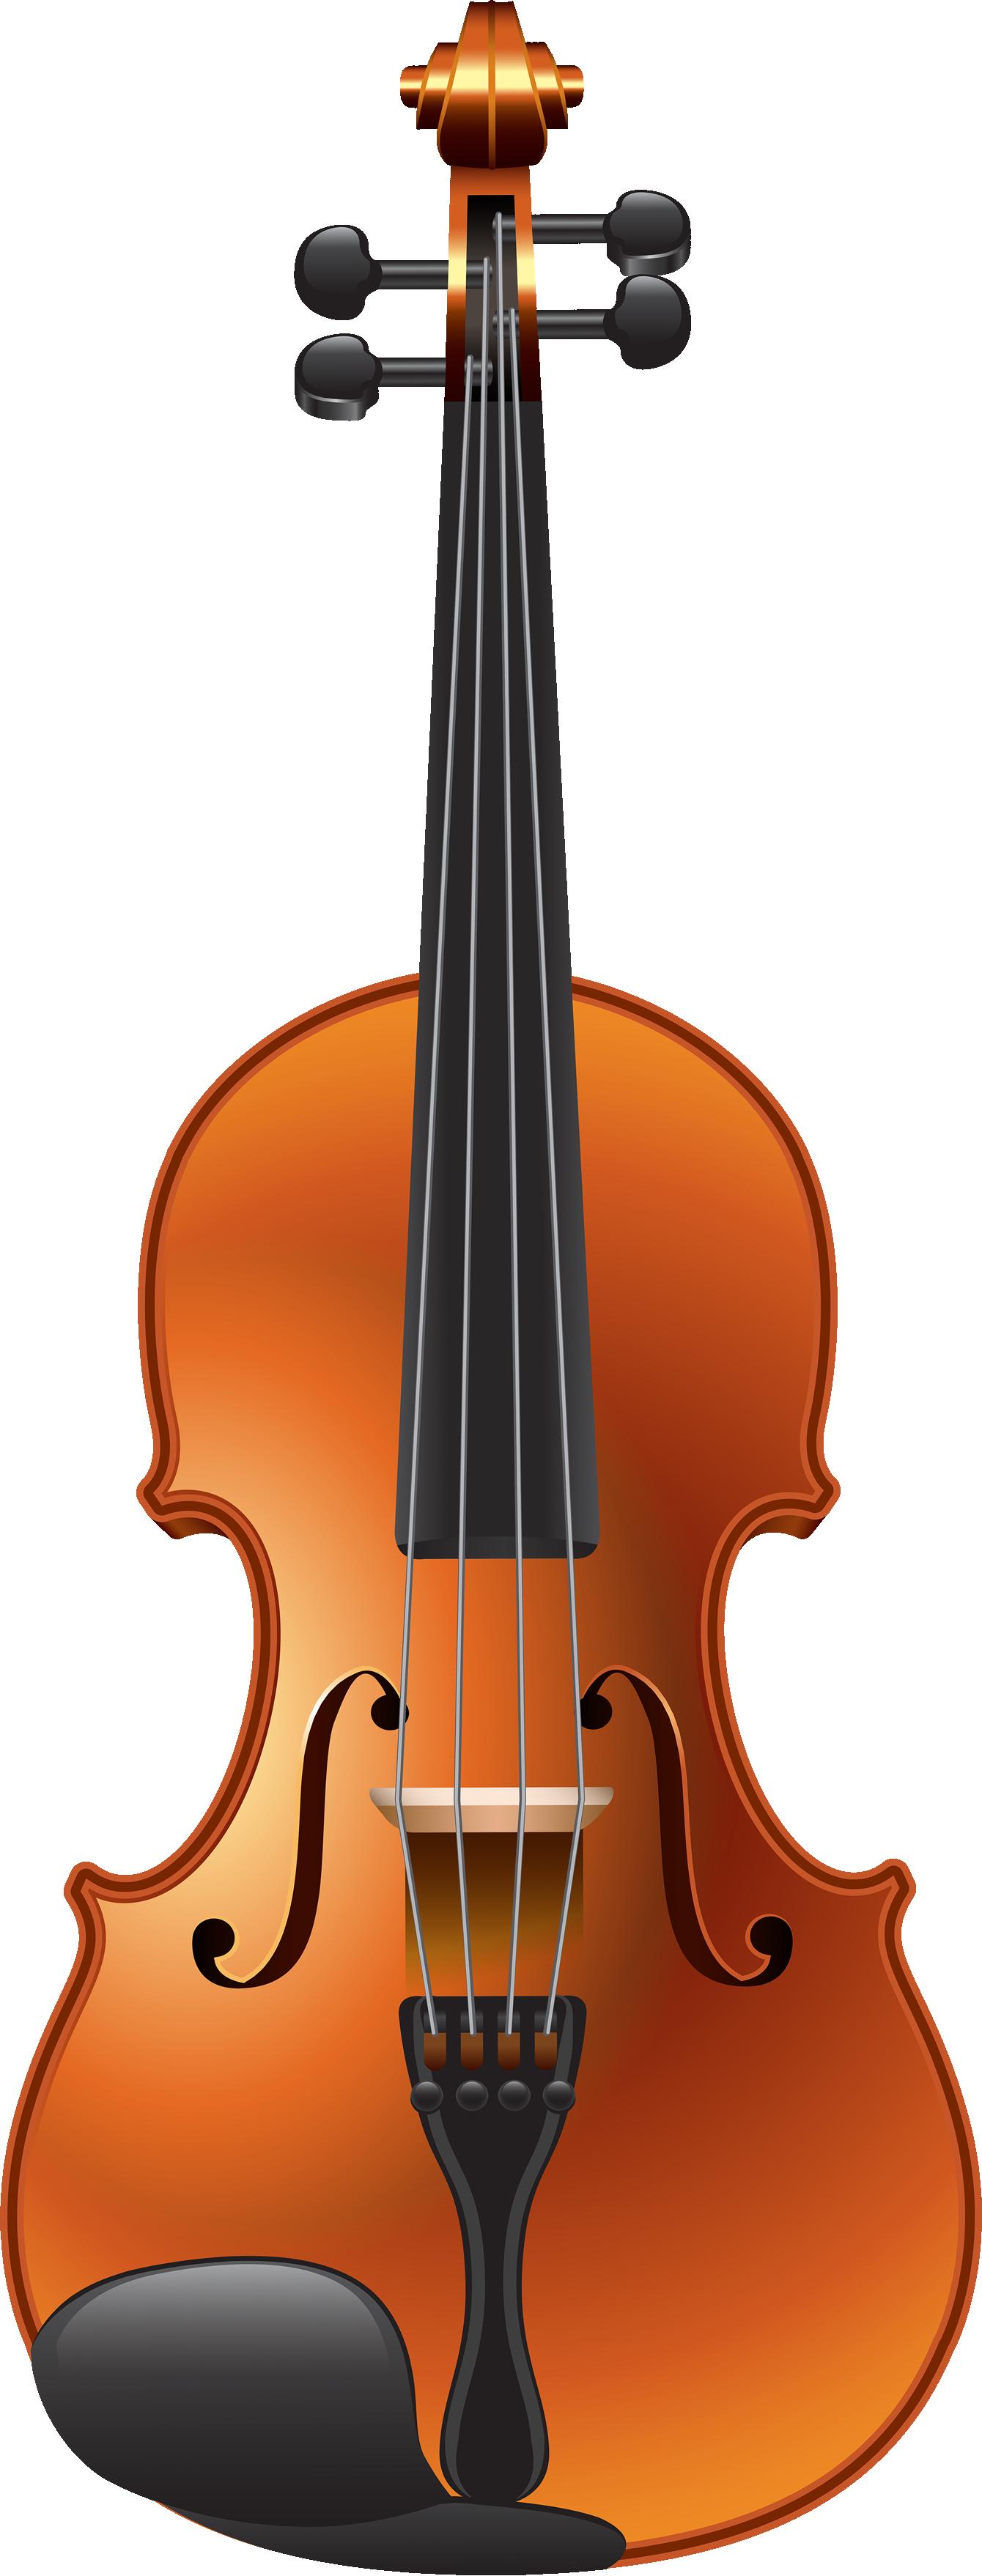 Violin PNG - 4089